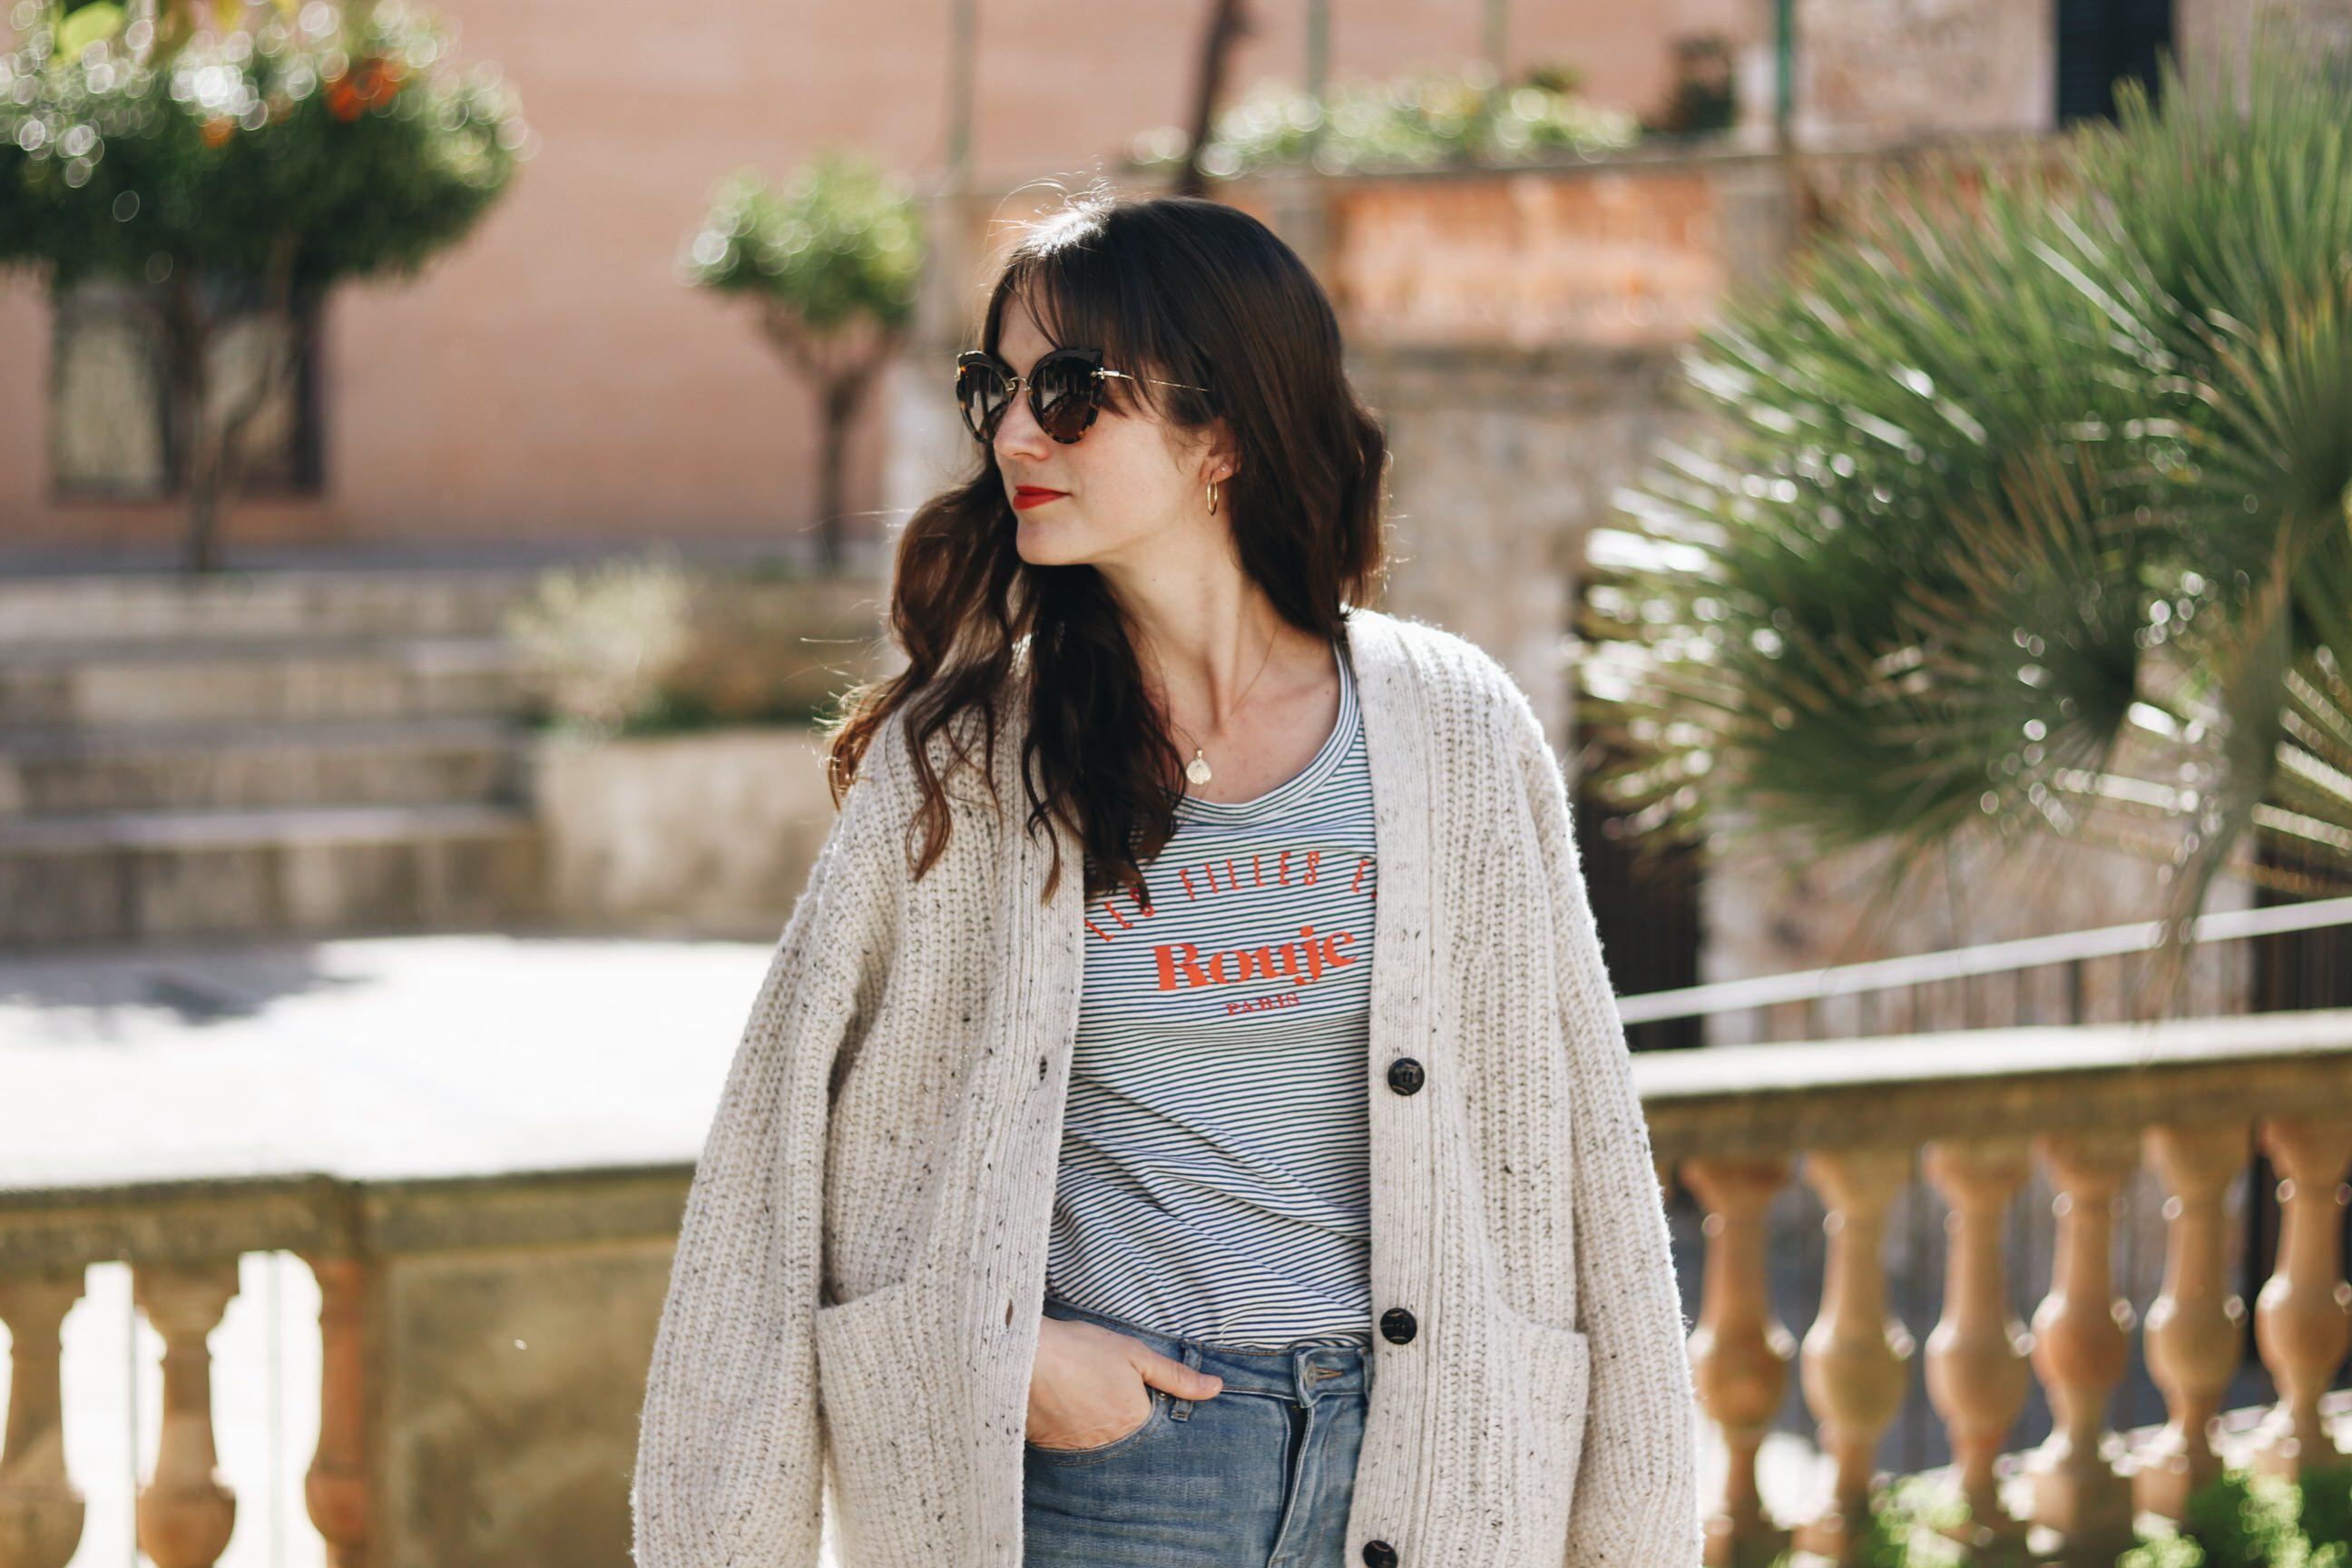 Cardigan Outfit kombinieren Modetrends Modeblog deutsch